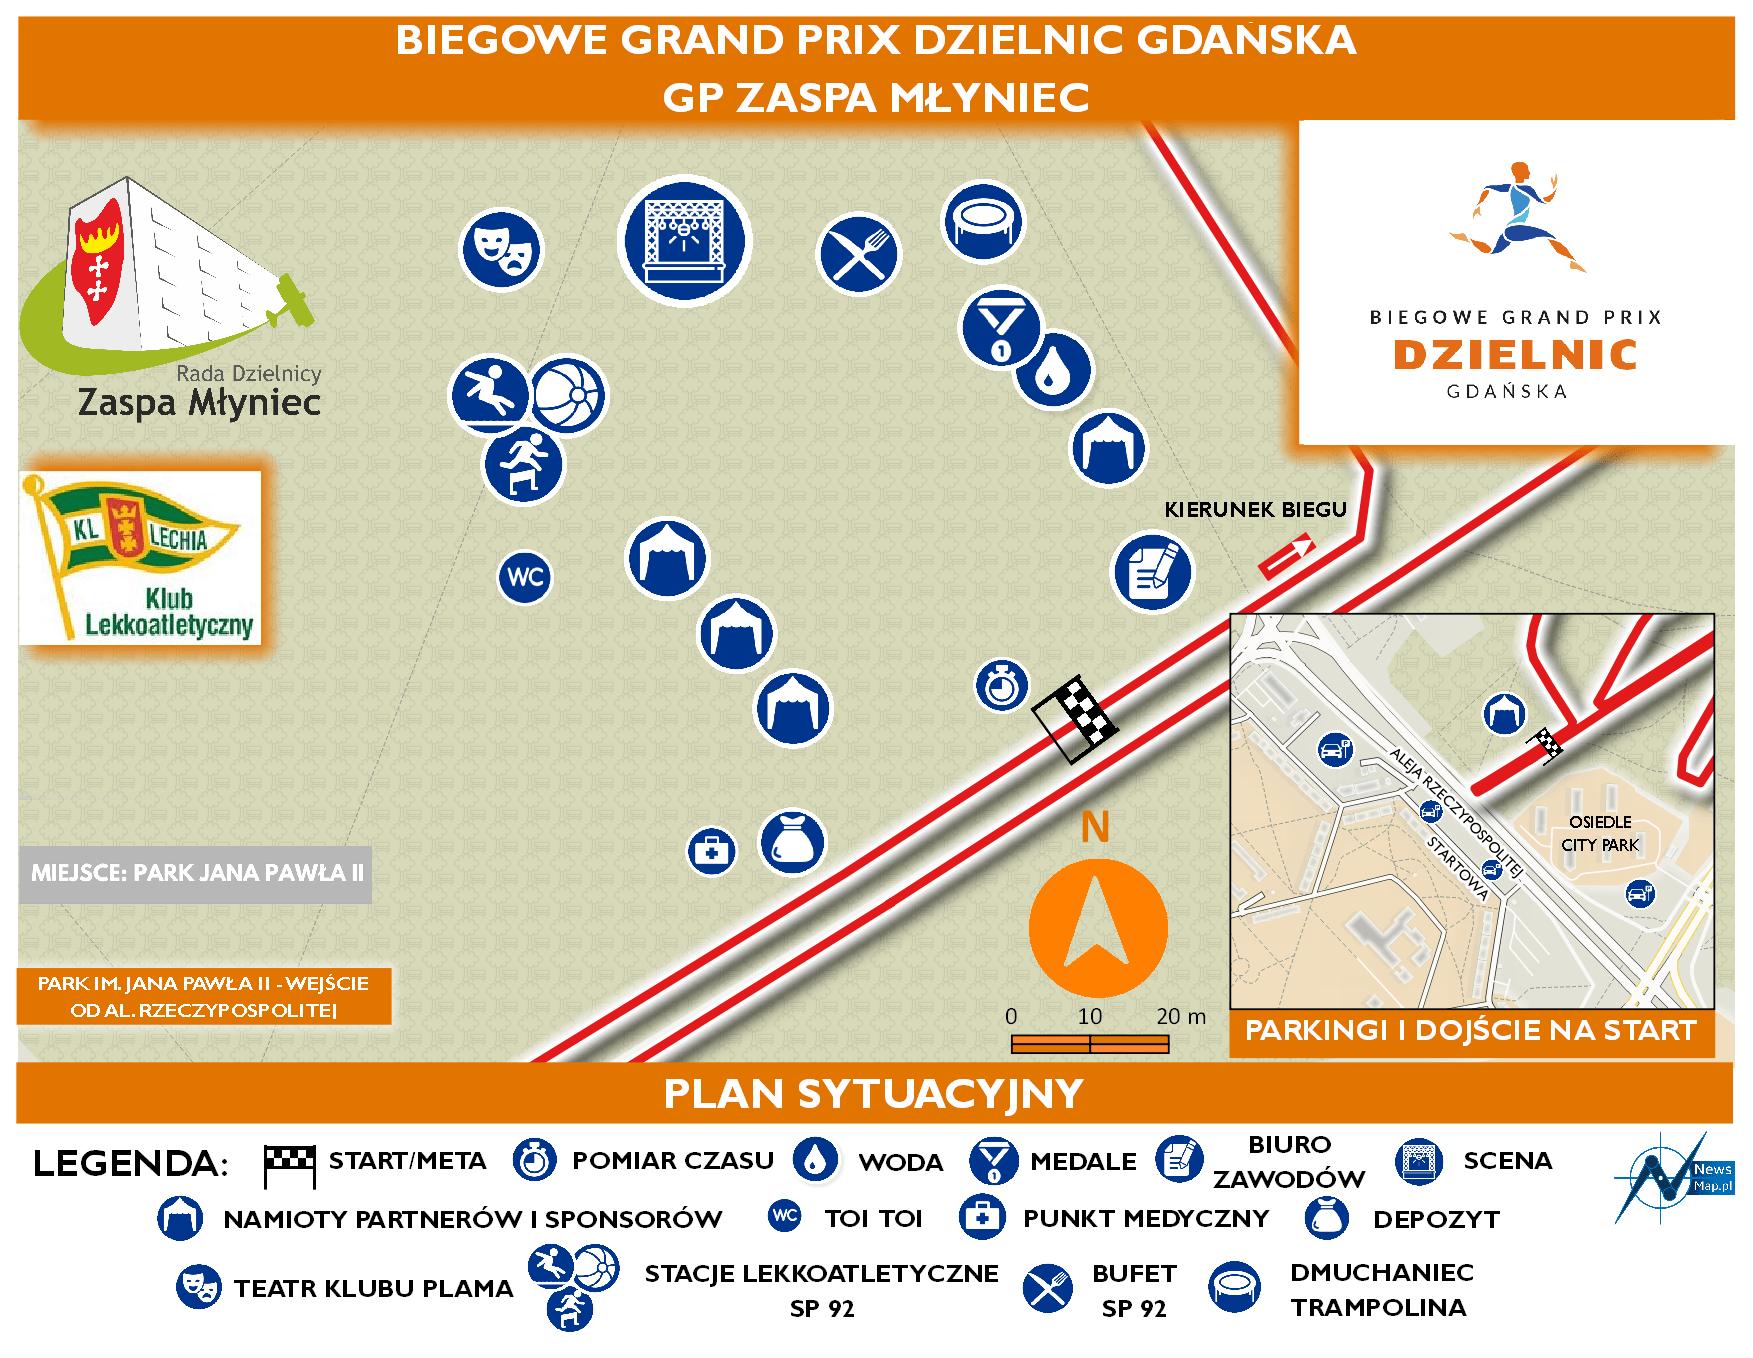 Mapa statyczna GP Zaspa Młyniec - plan sytuacyjny (on-line)